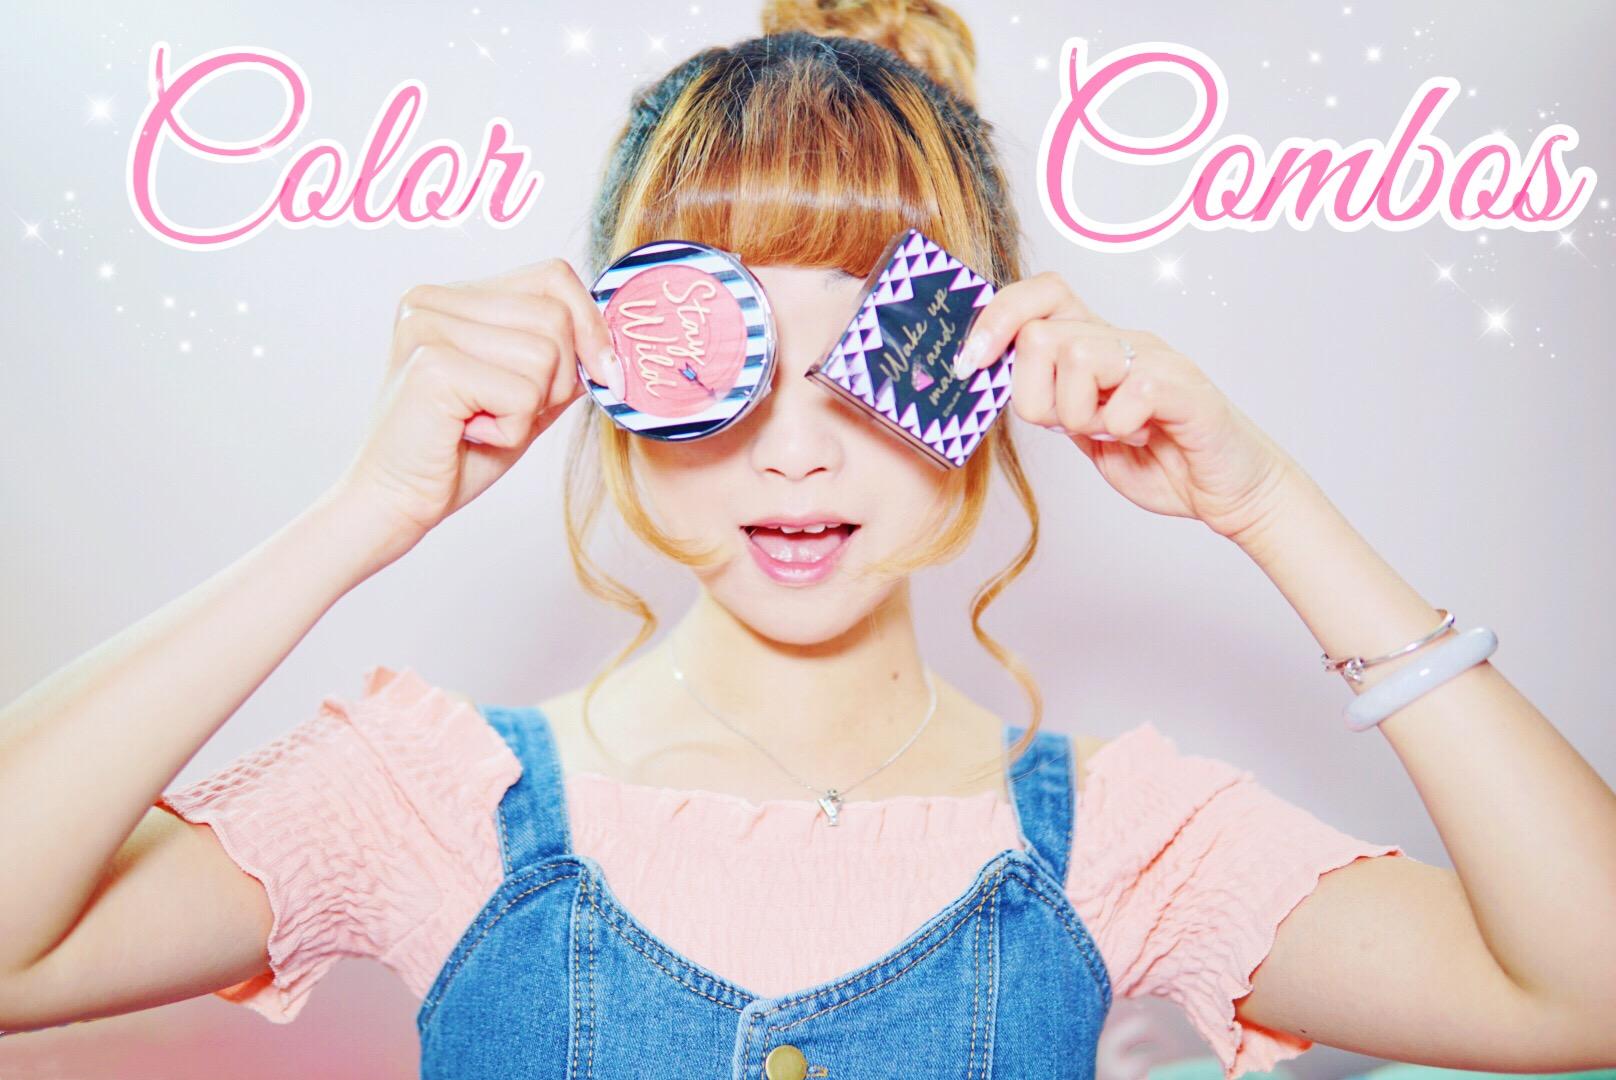 ♡ 護膚 ◆ 我愛用的持久彩妝品 ◆ Color Combos 霜狀持久胭脂 / 零油光全效持妝粉餅 ♤